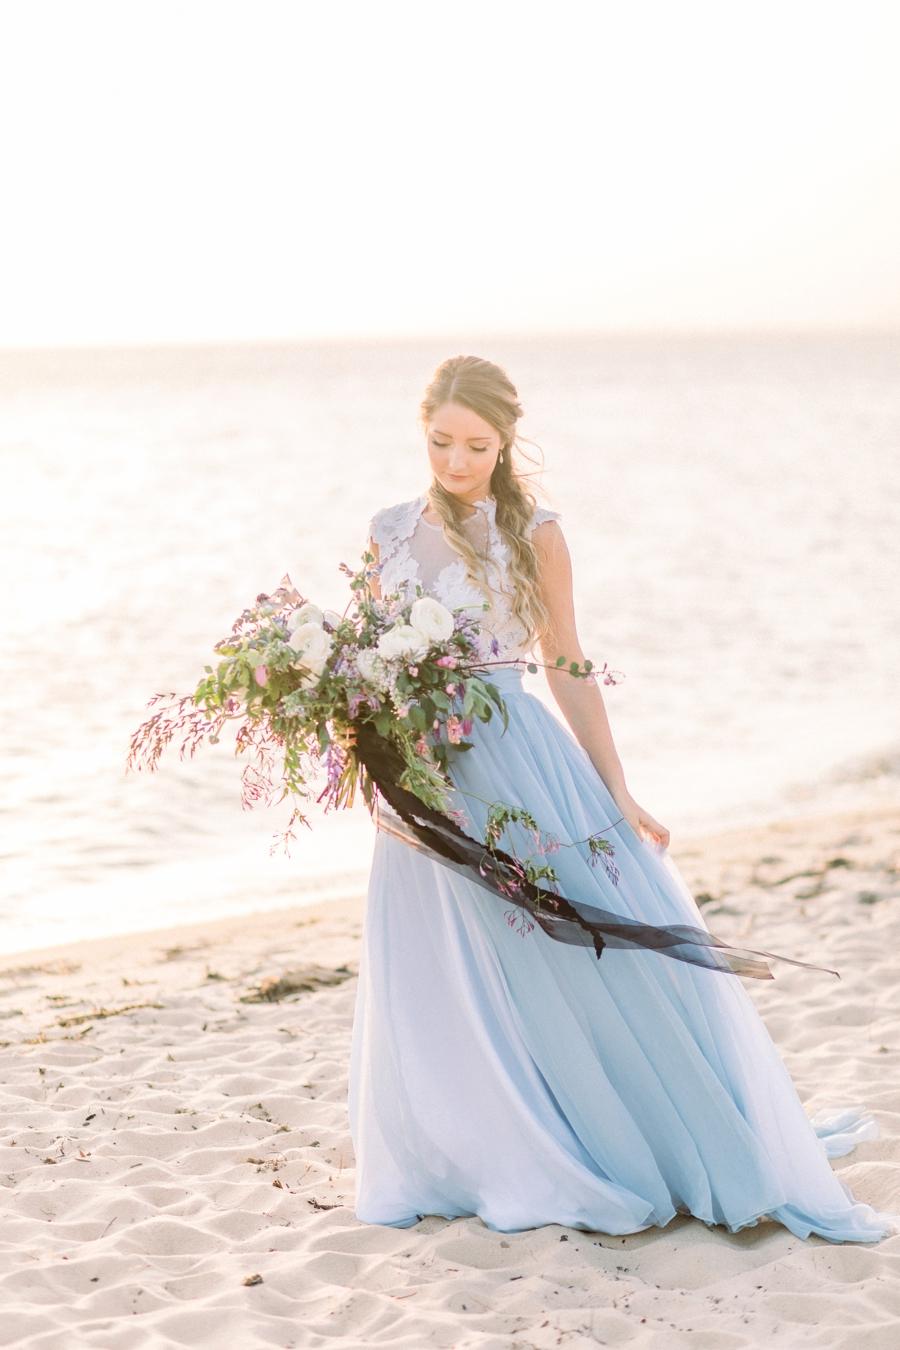 优乐娱乐手机版摄影薰衣草和蓝色搭配的灵感